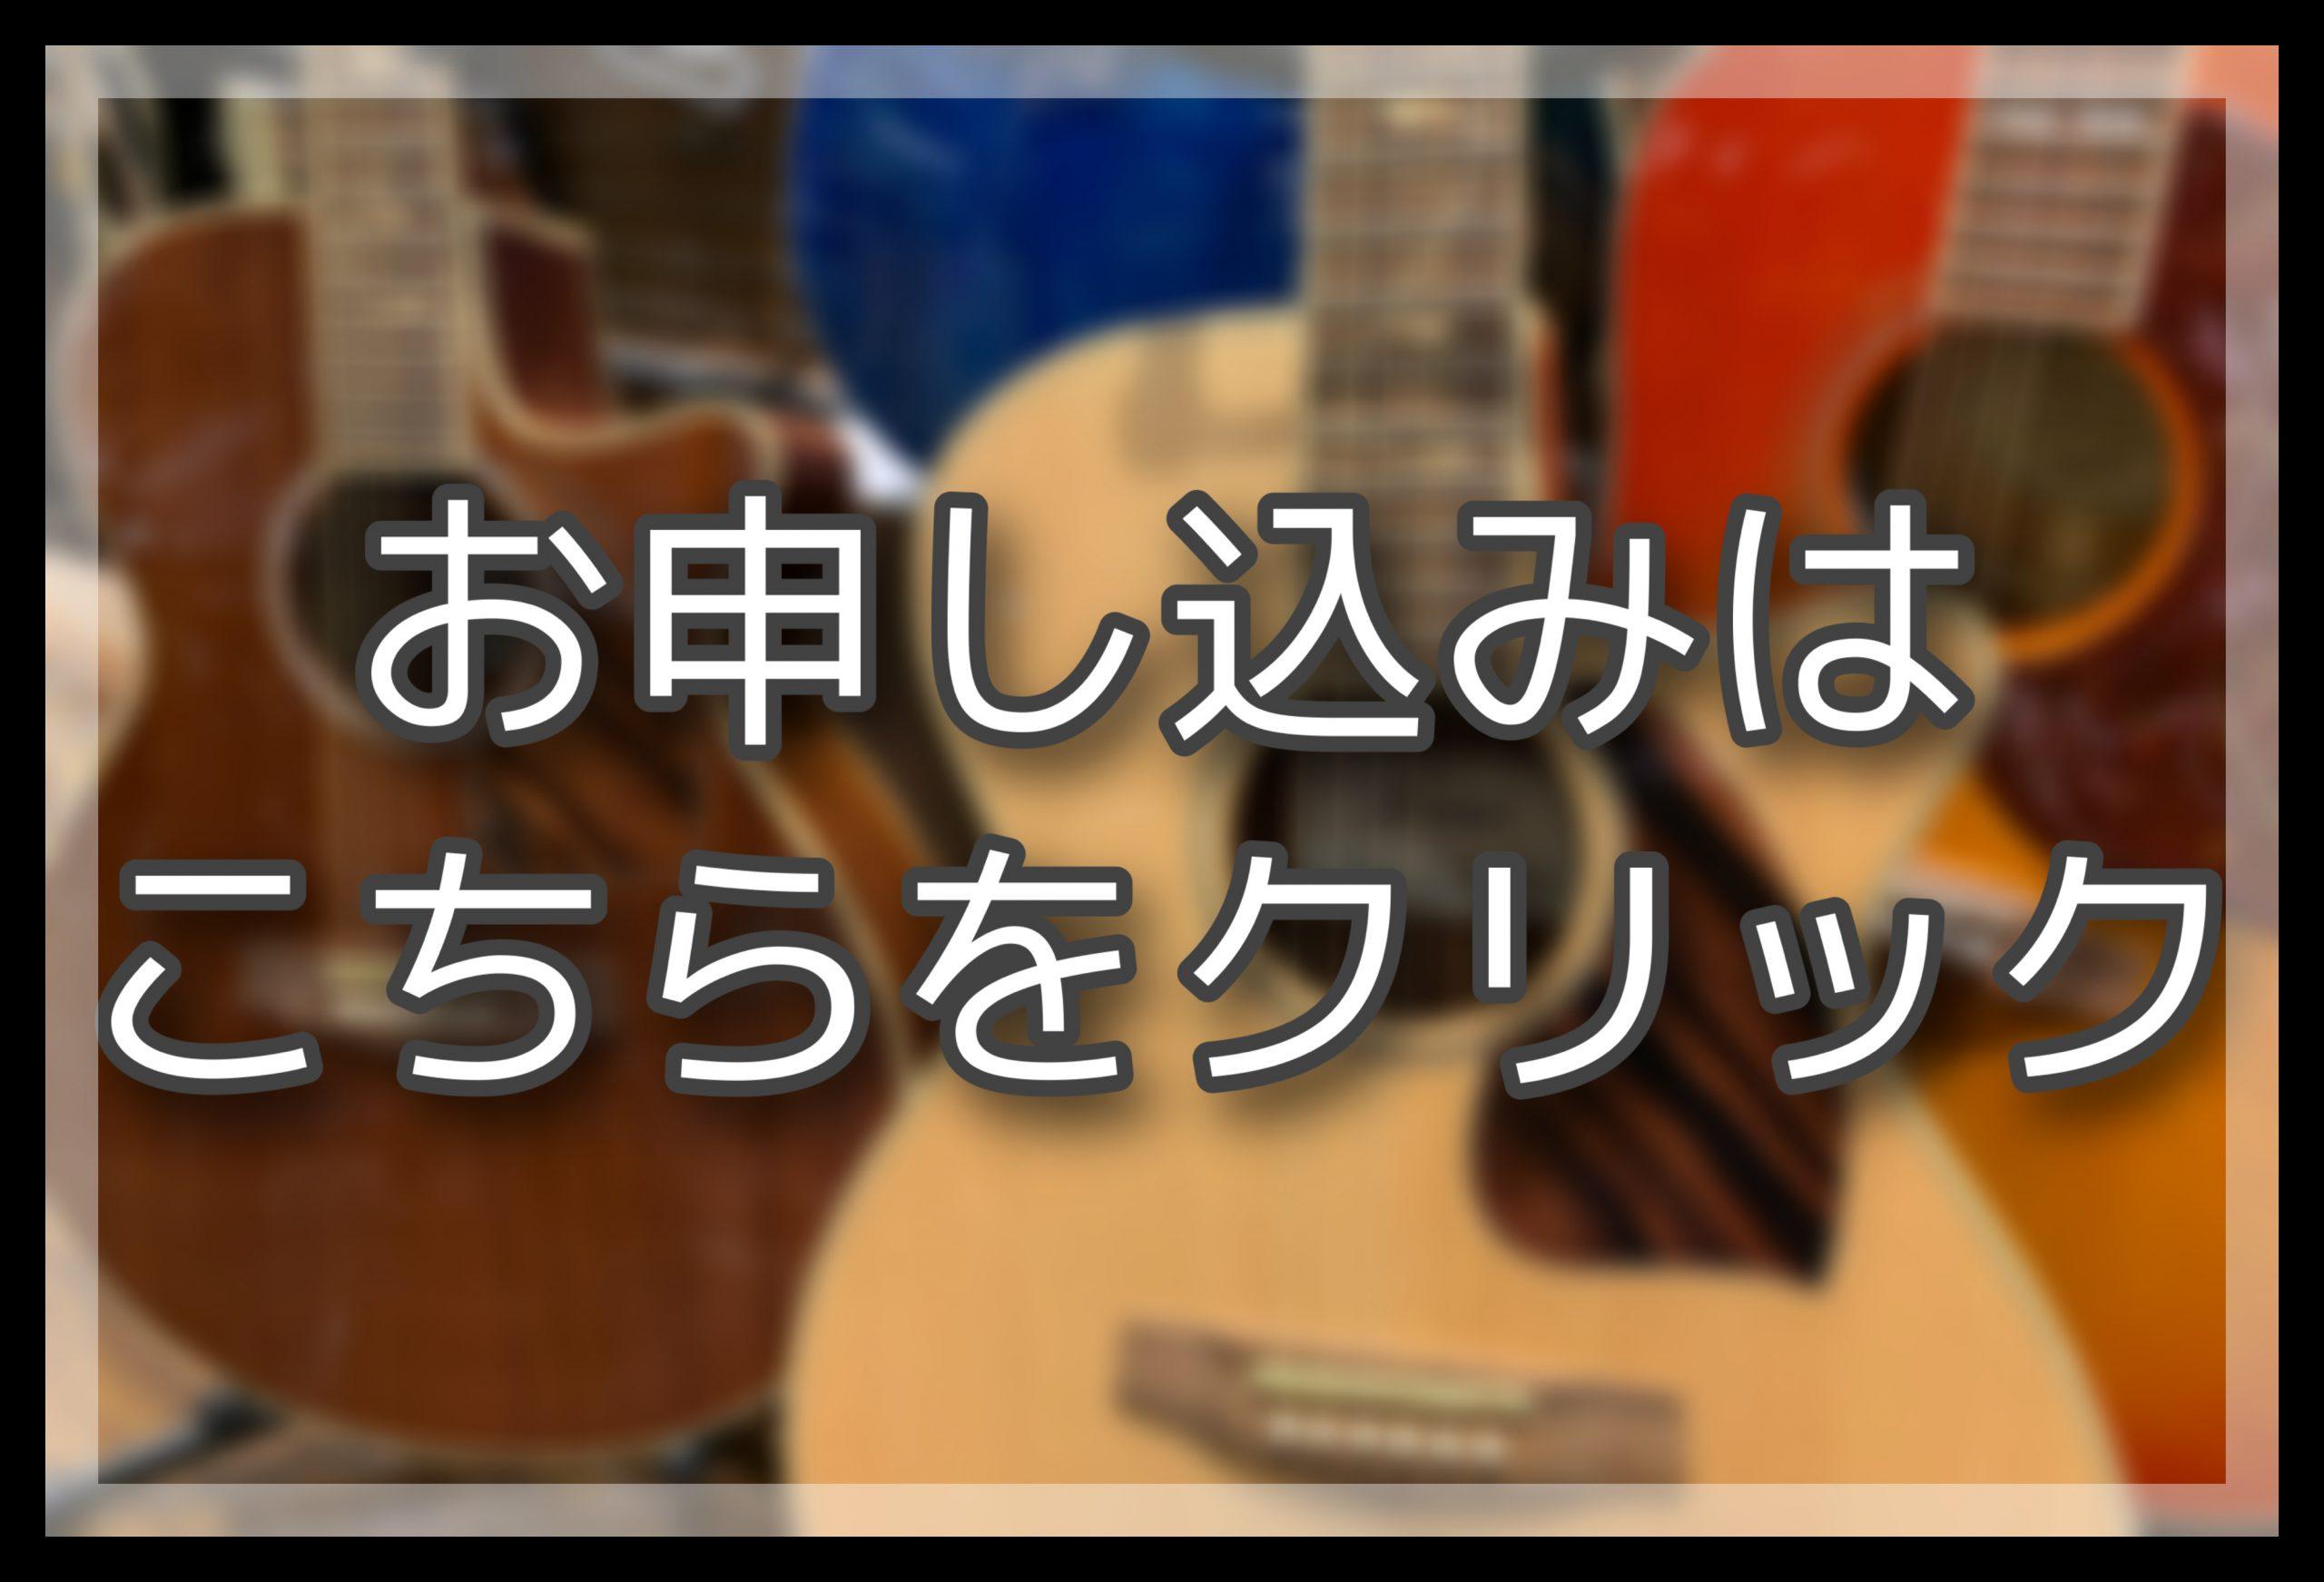 アコースティックギター 教室 春日部